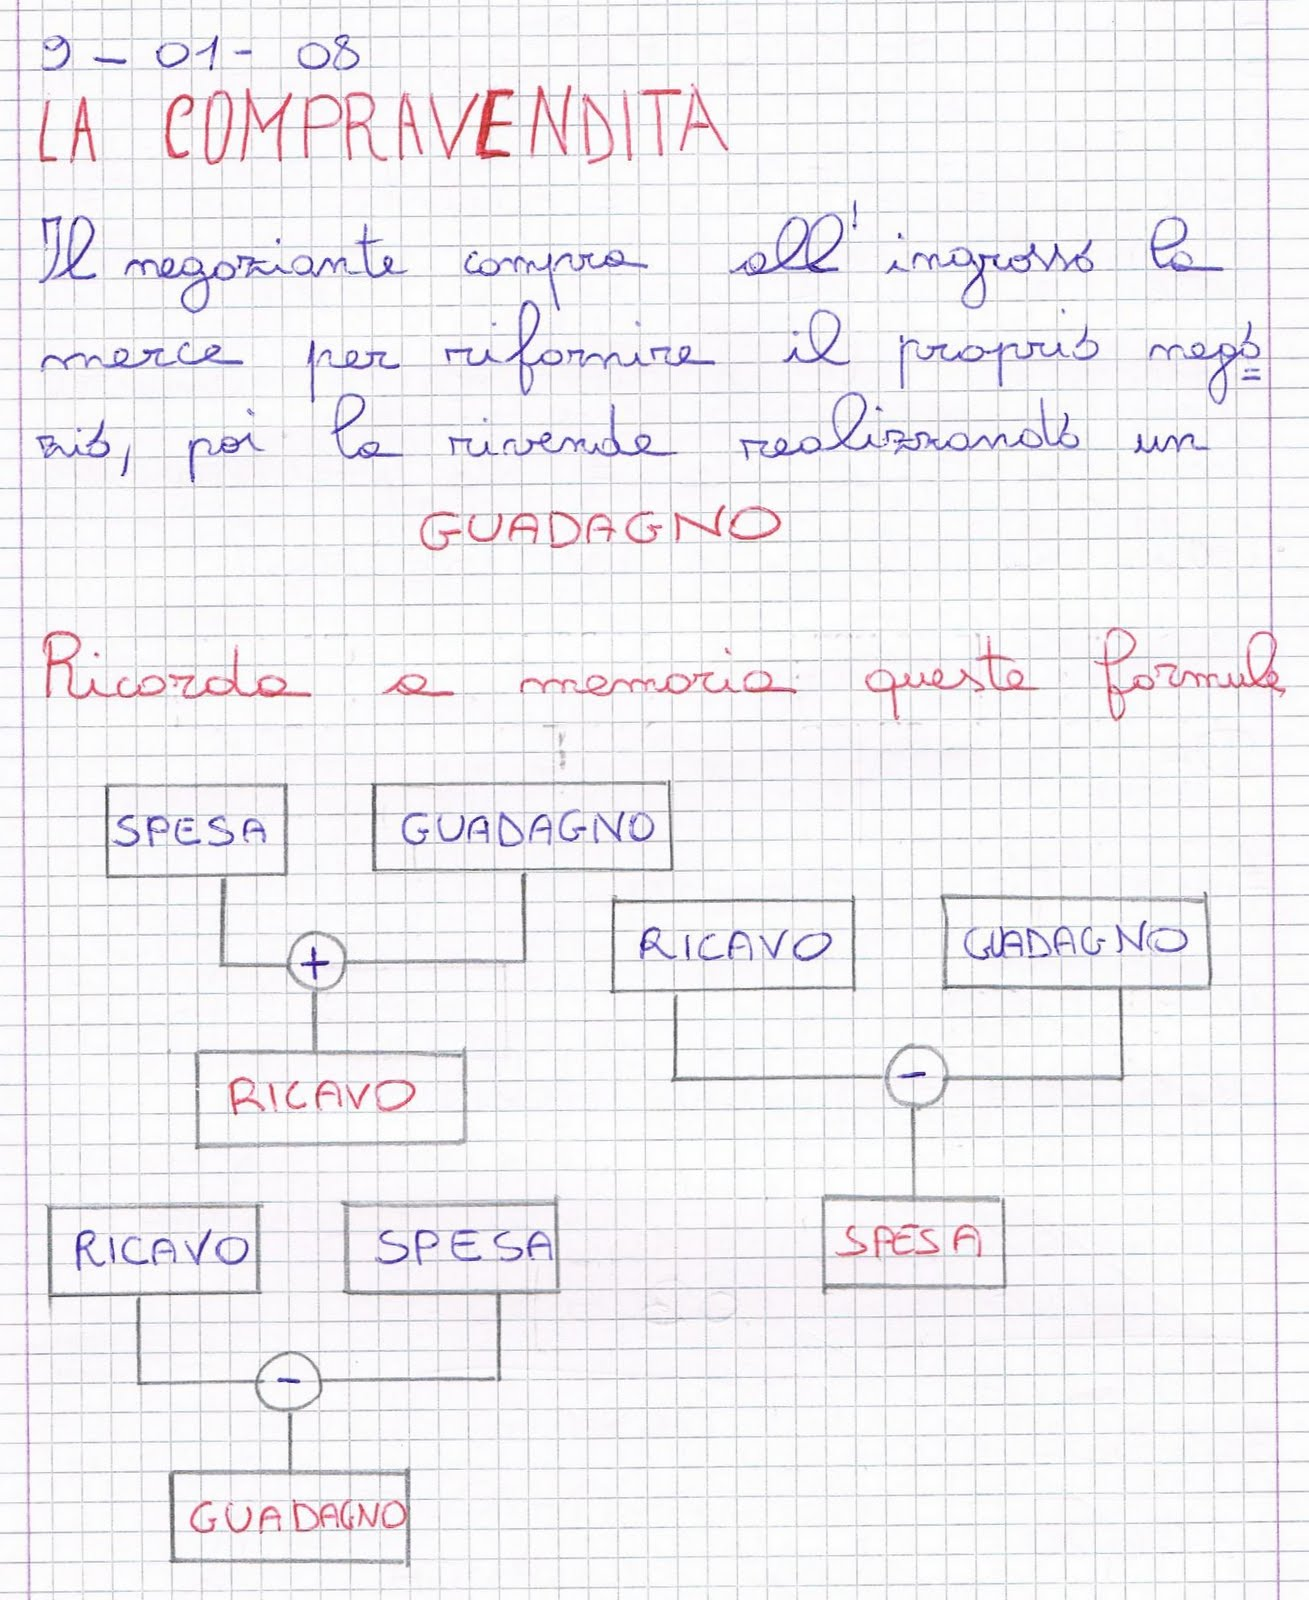 La Compravendita Problemi Tabelle Diagrammi